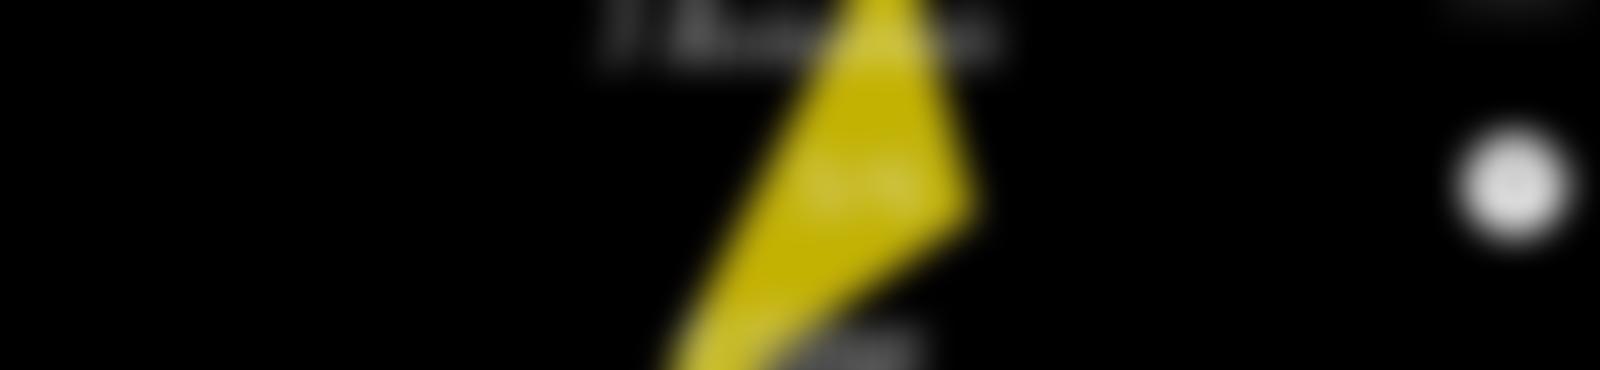 Blurred ce532668 8561 4984 aca1 b8726bd2fbc4